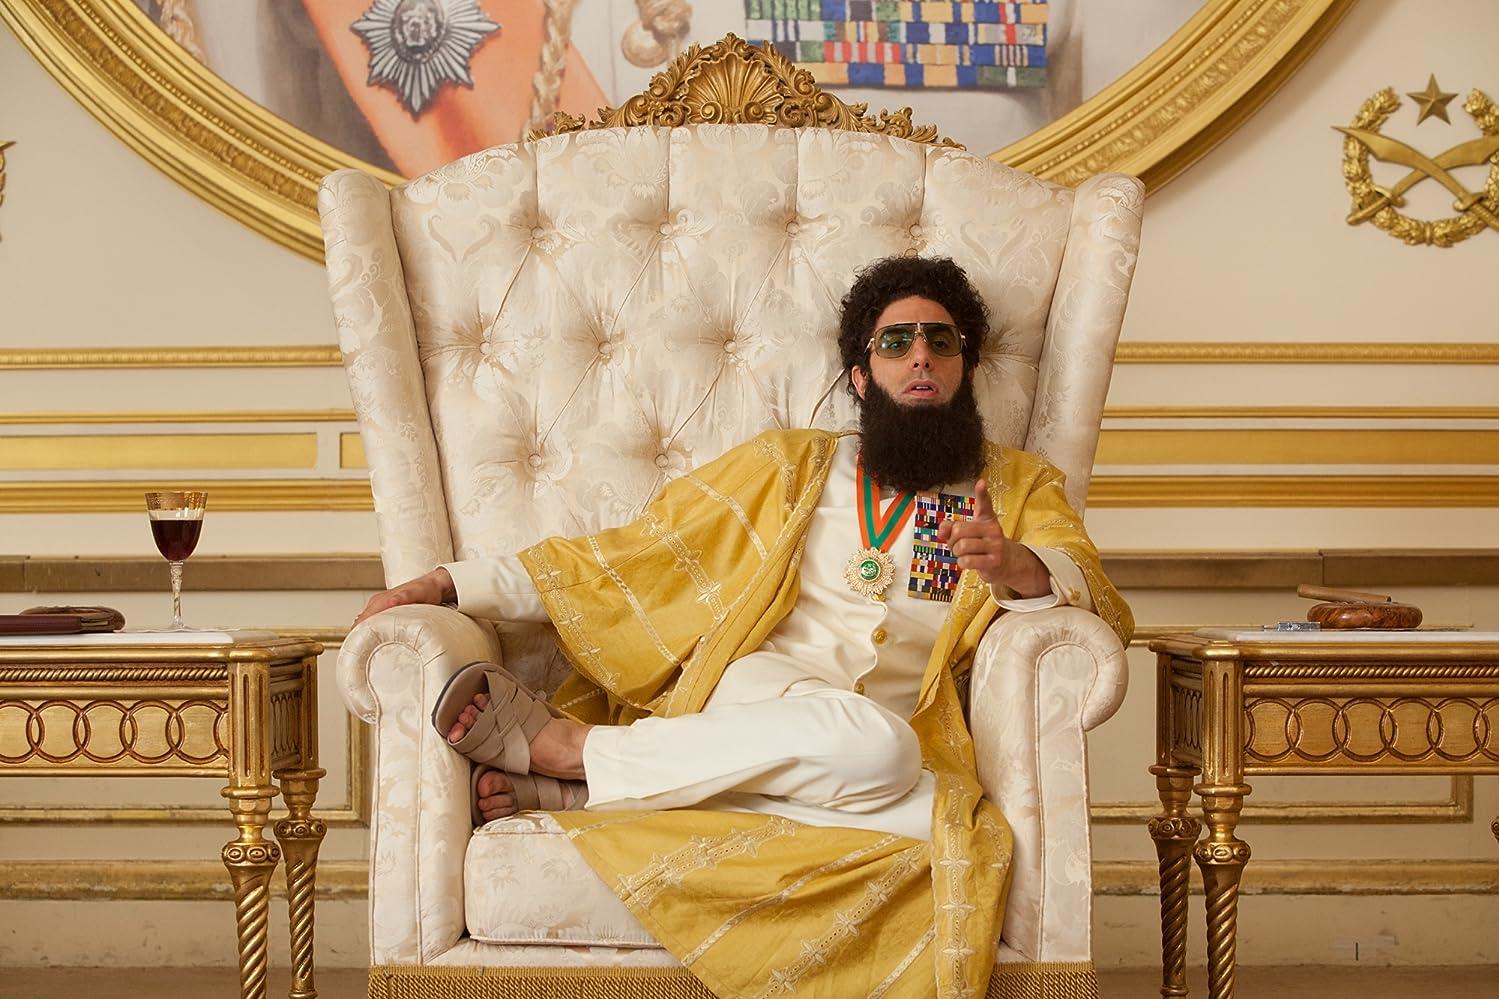 دانلود فیلم the dictator